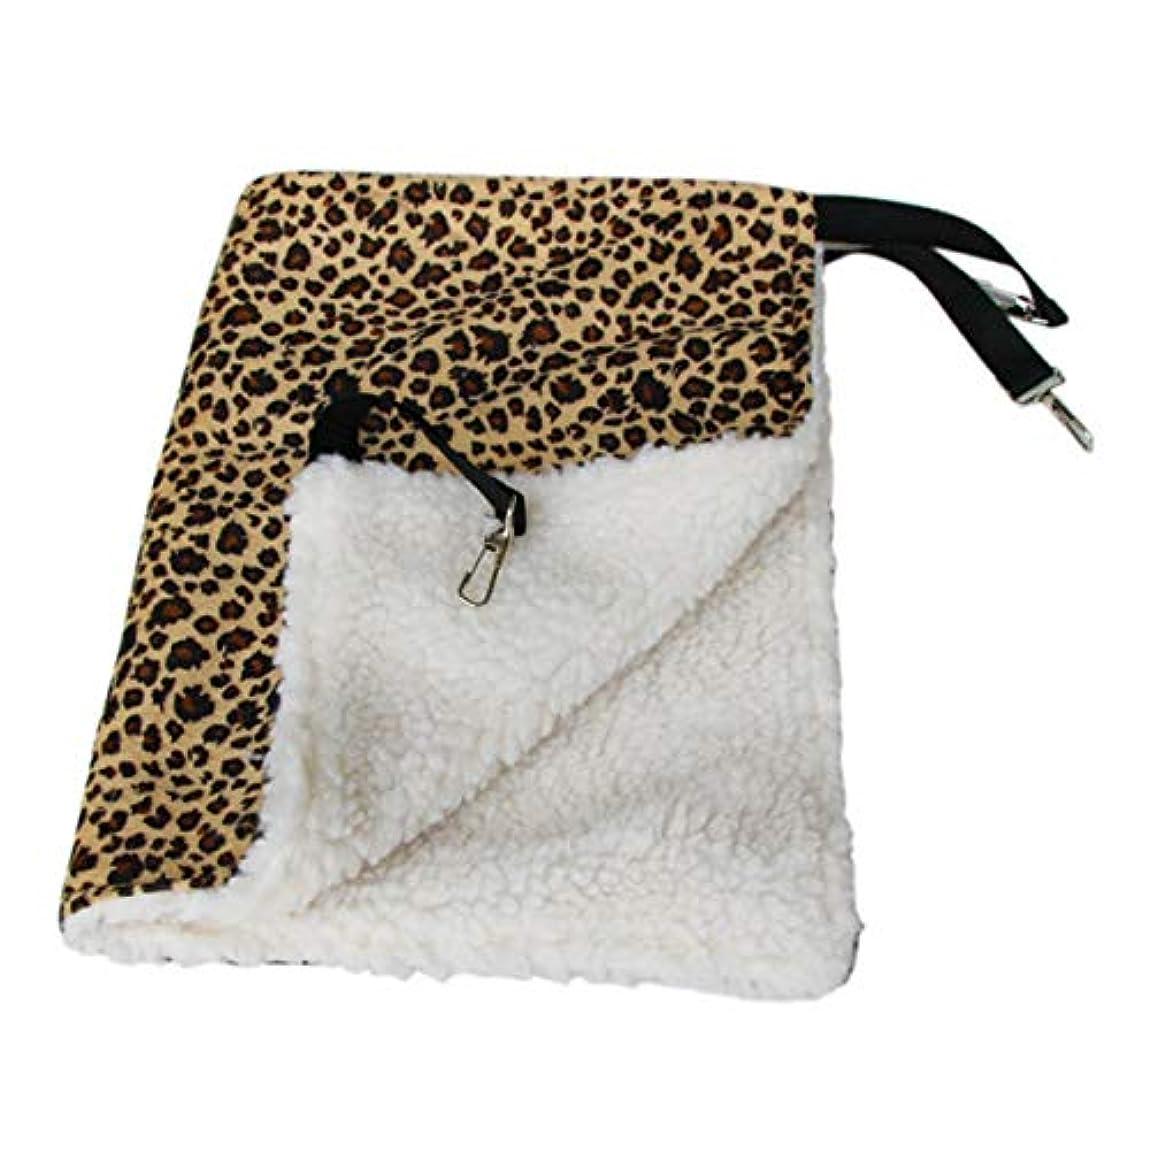 貫通プレミア安全なSaikogoods 暖かいハンギング猫ベッドマットソフトキャットハンモック冬ハンモックペット子猫ケージベッドカバークッションエアベッドペット 黄 L